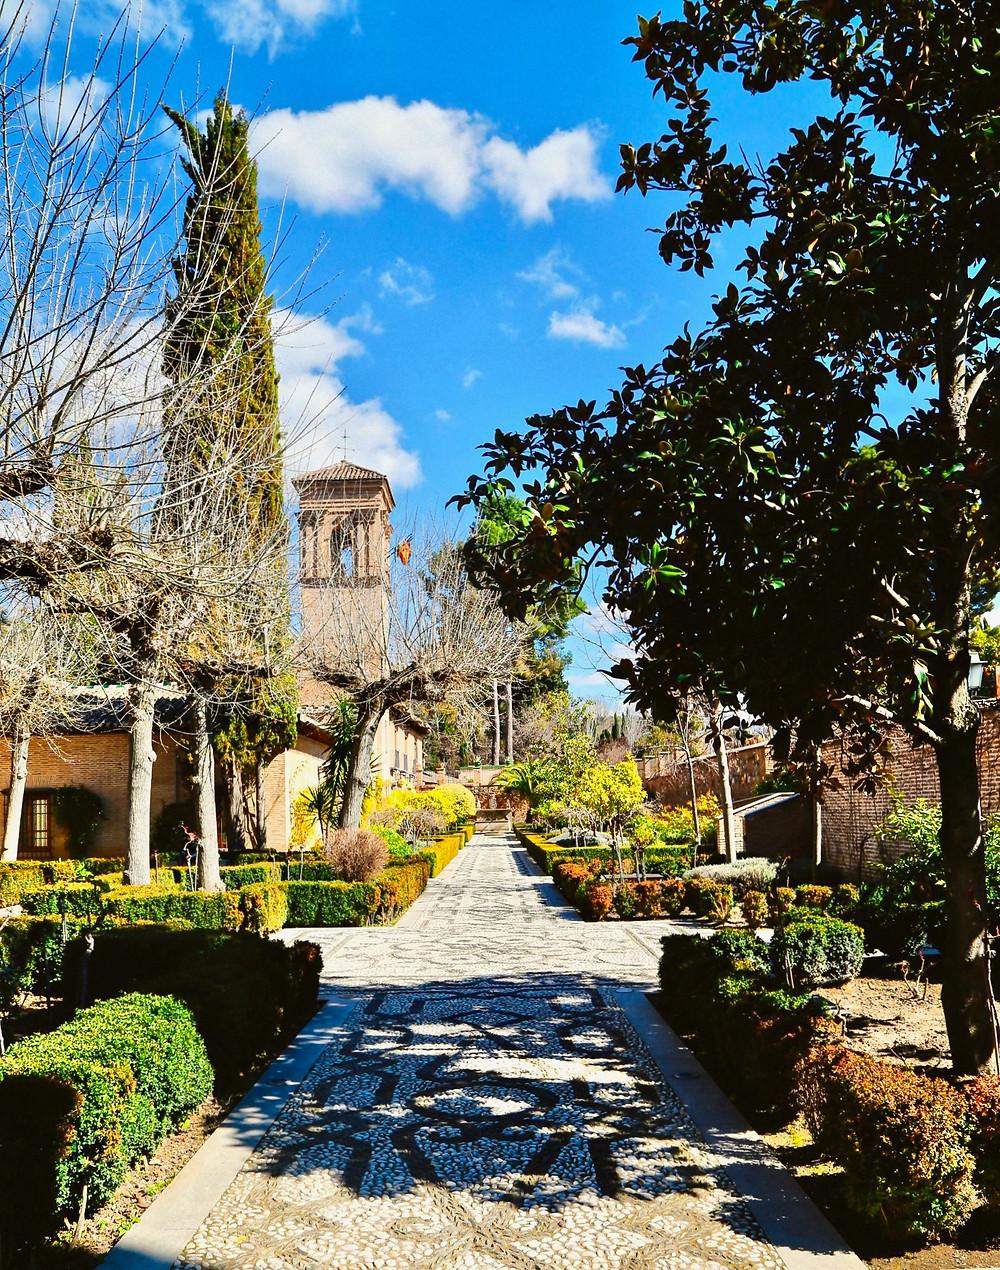 the path to the Parador de Granada San Francisco